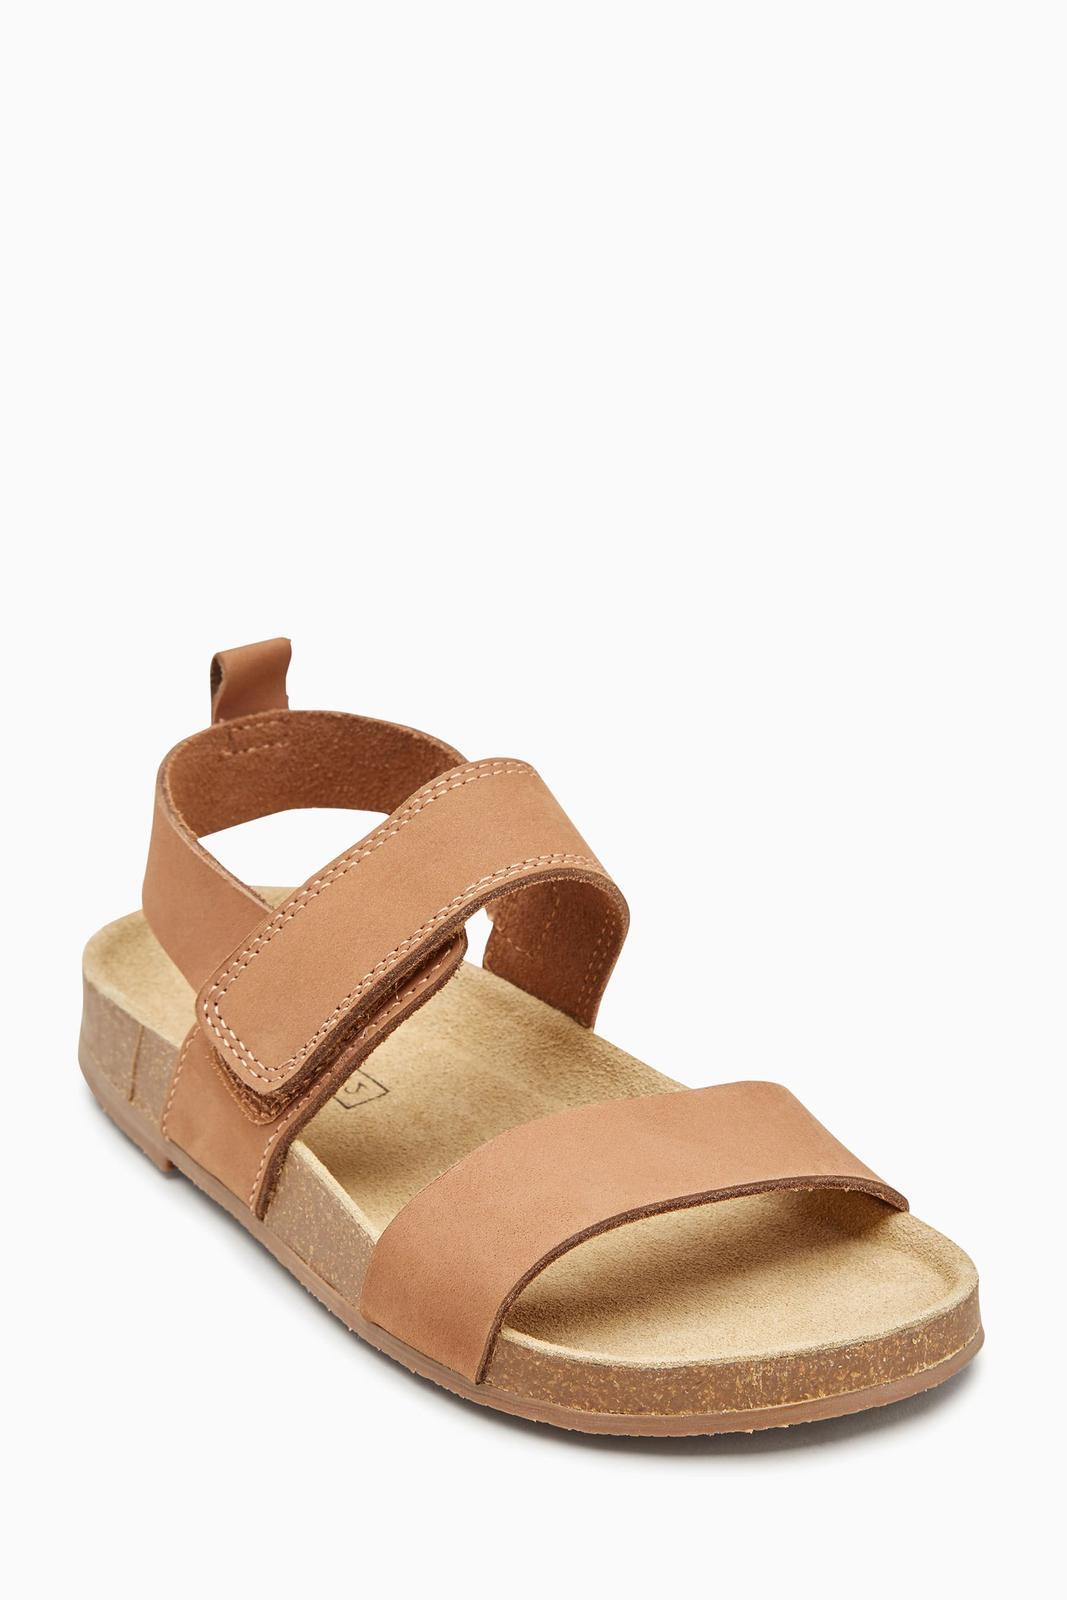 a4348e2ee096 Kožené korkové sandále next